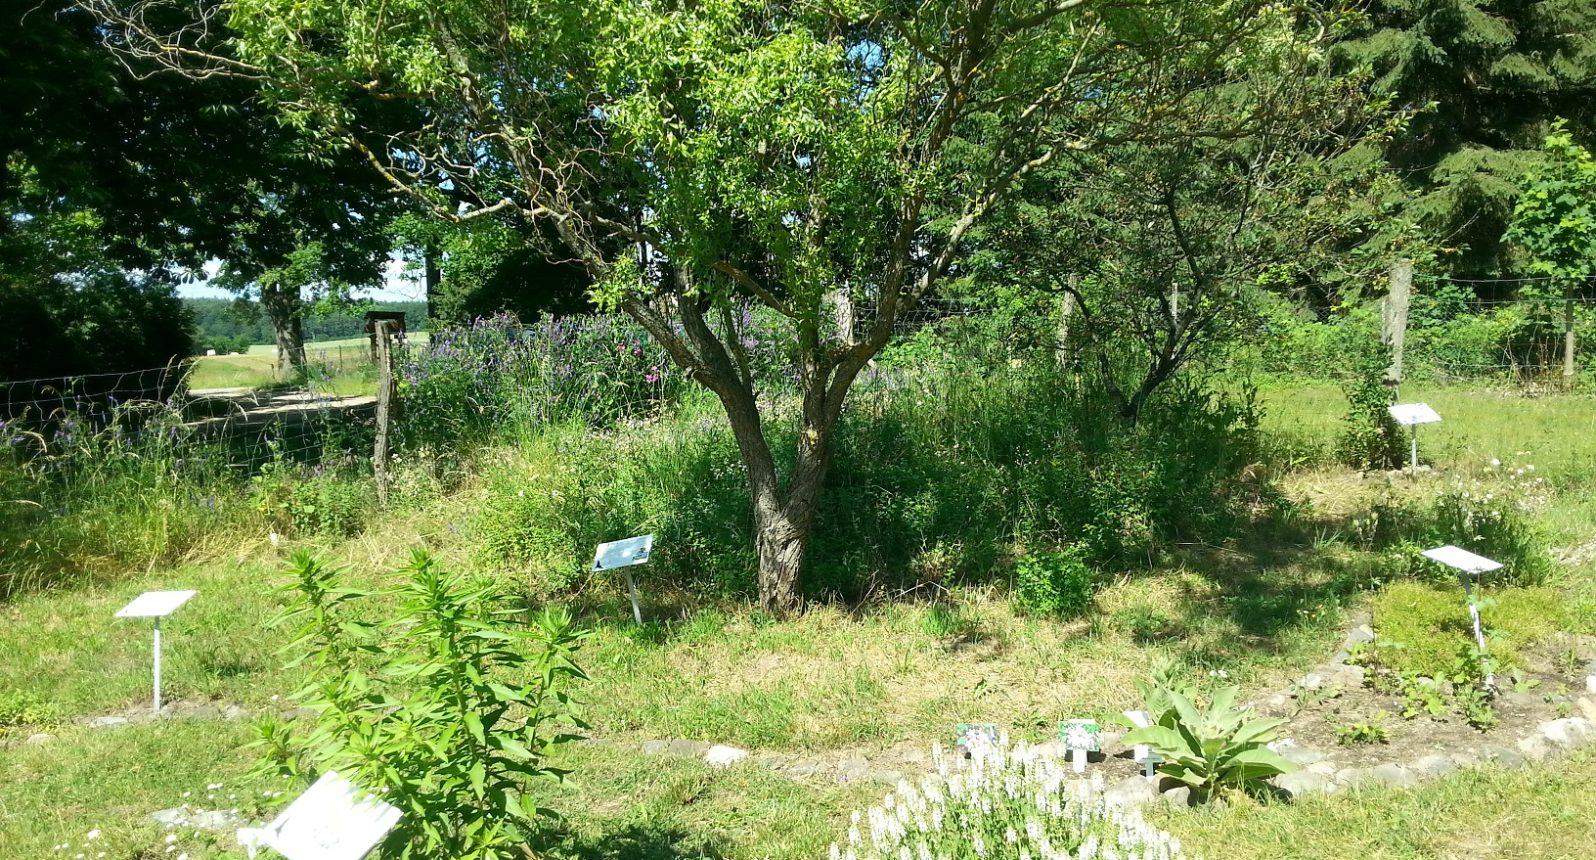 Blick in einen Schaugarten mit Pflanzen und Beschilderung